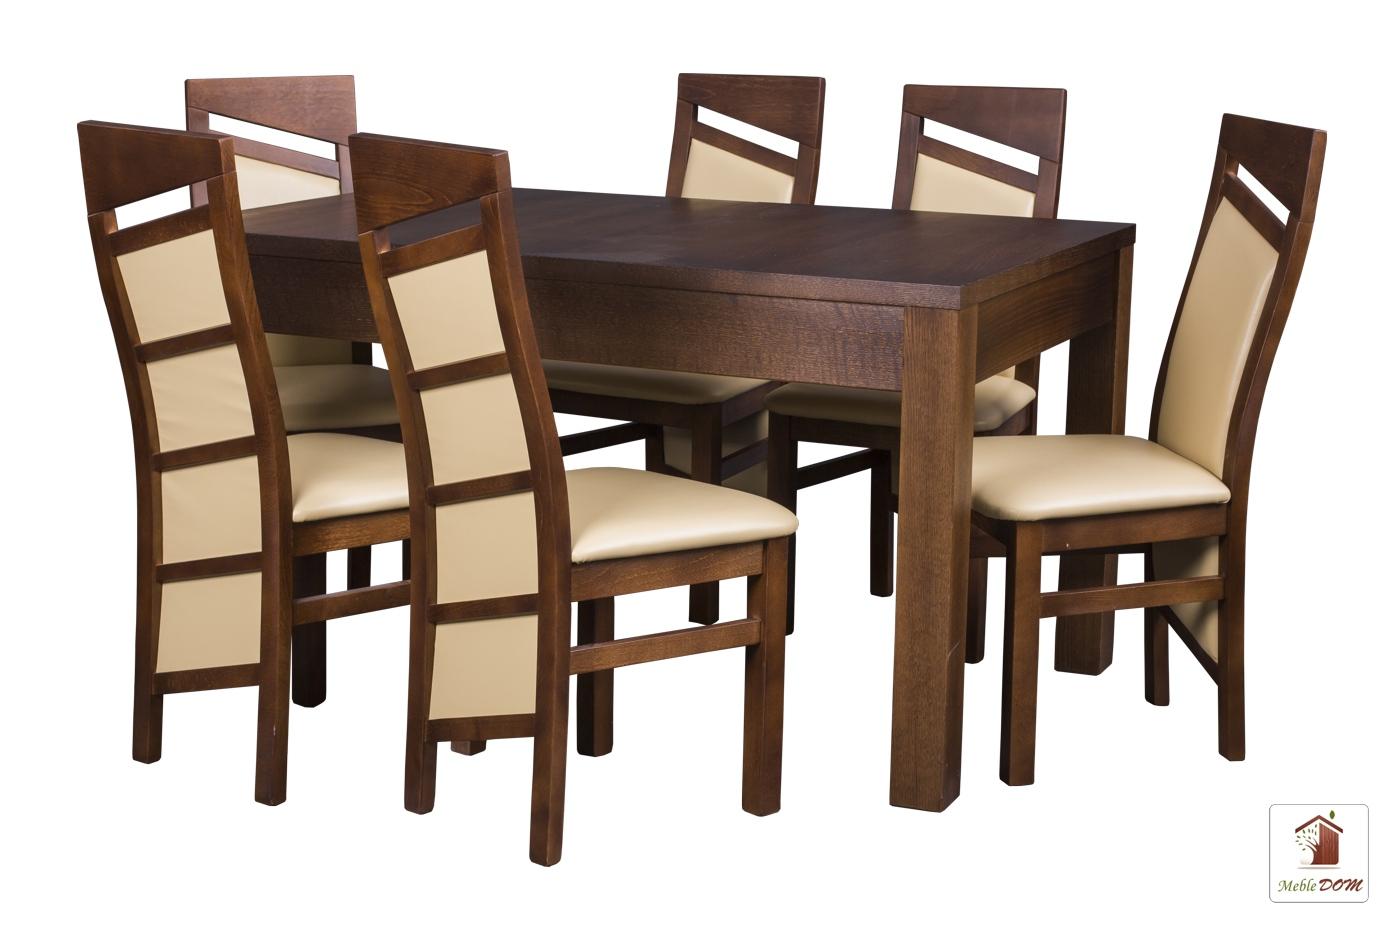 Prostokątny stół rozkładany Strong z krzesłami Edward